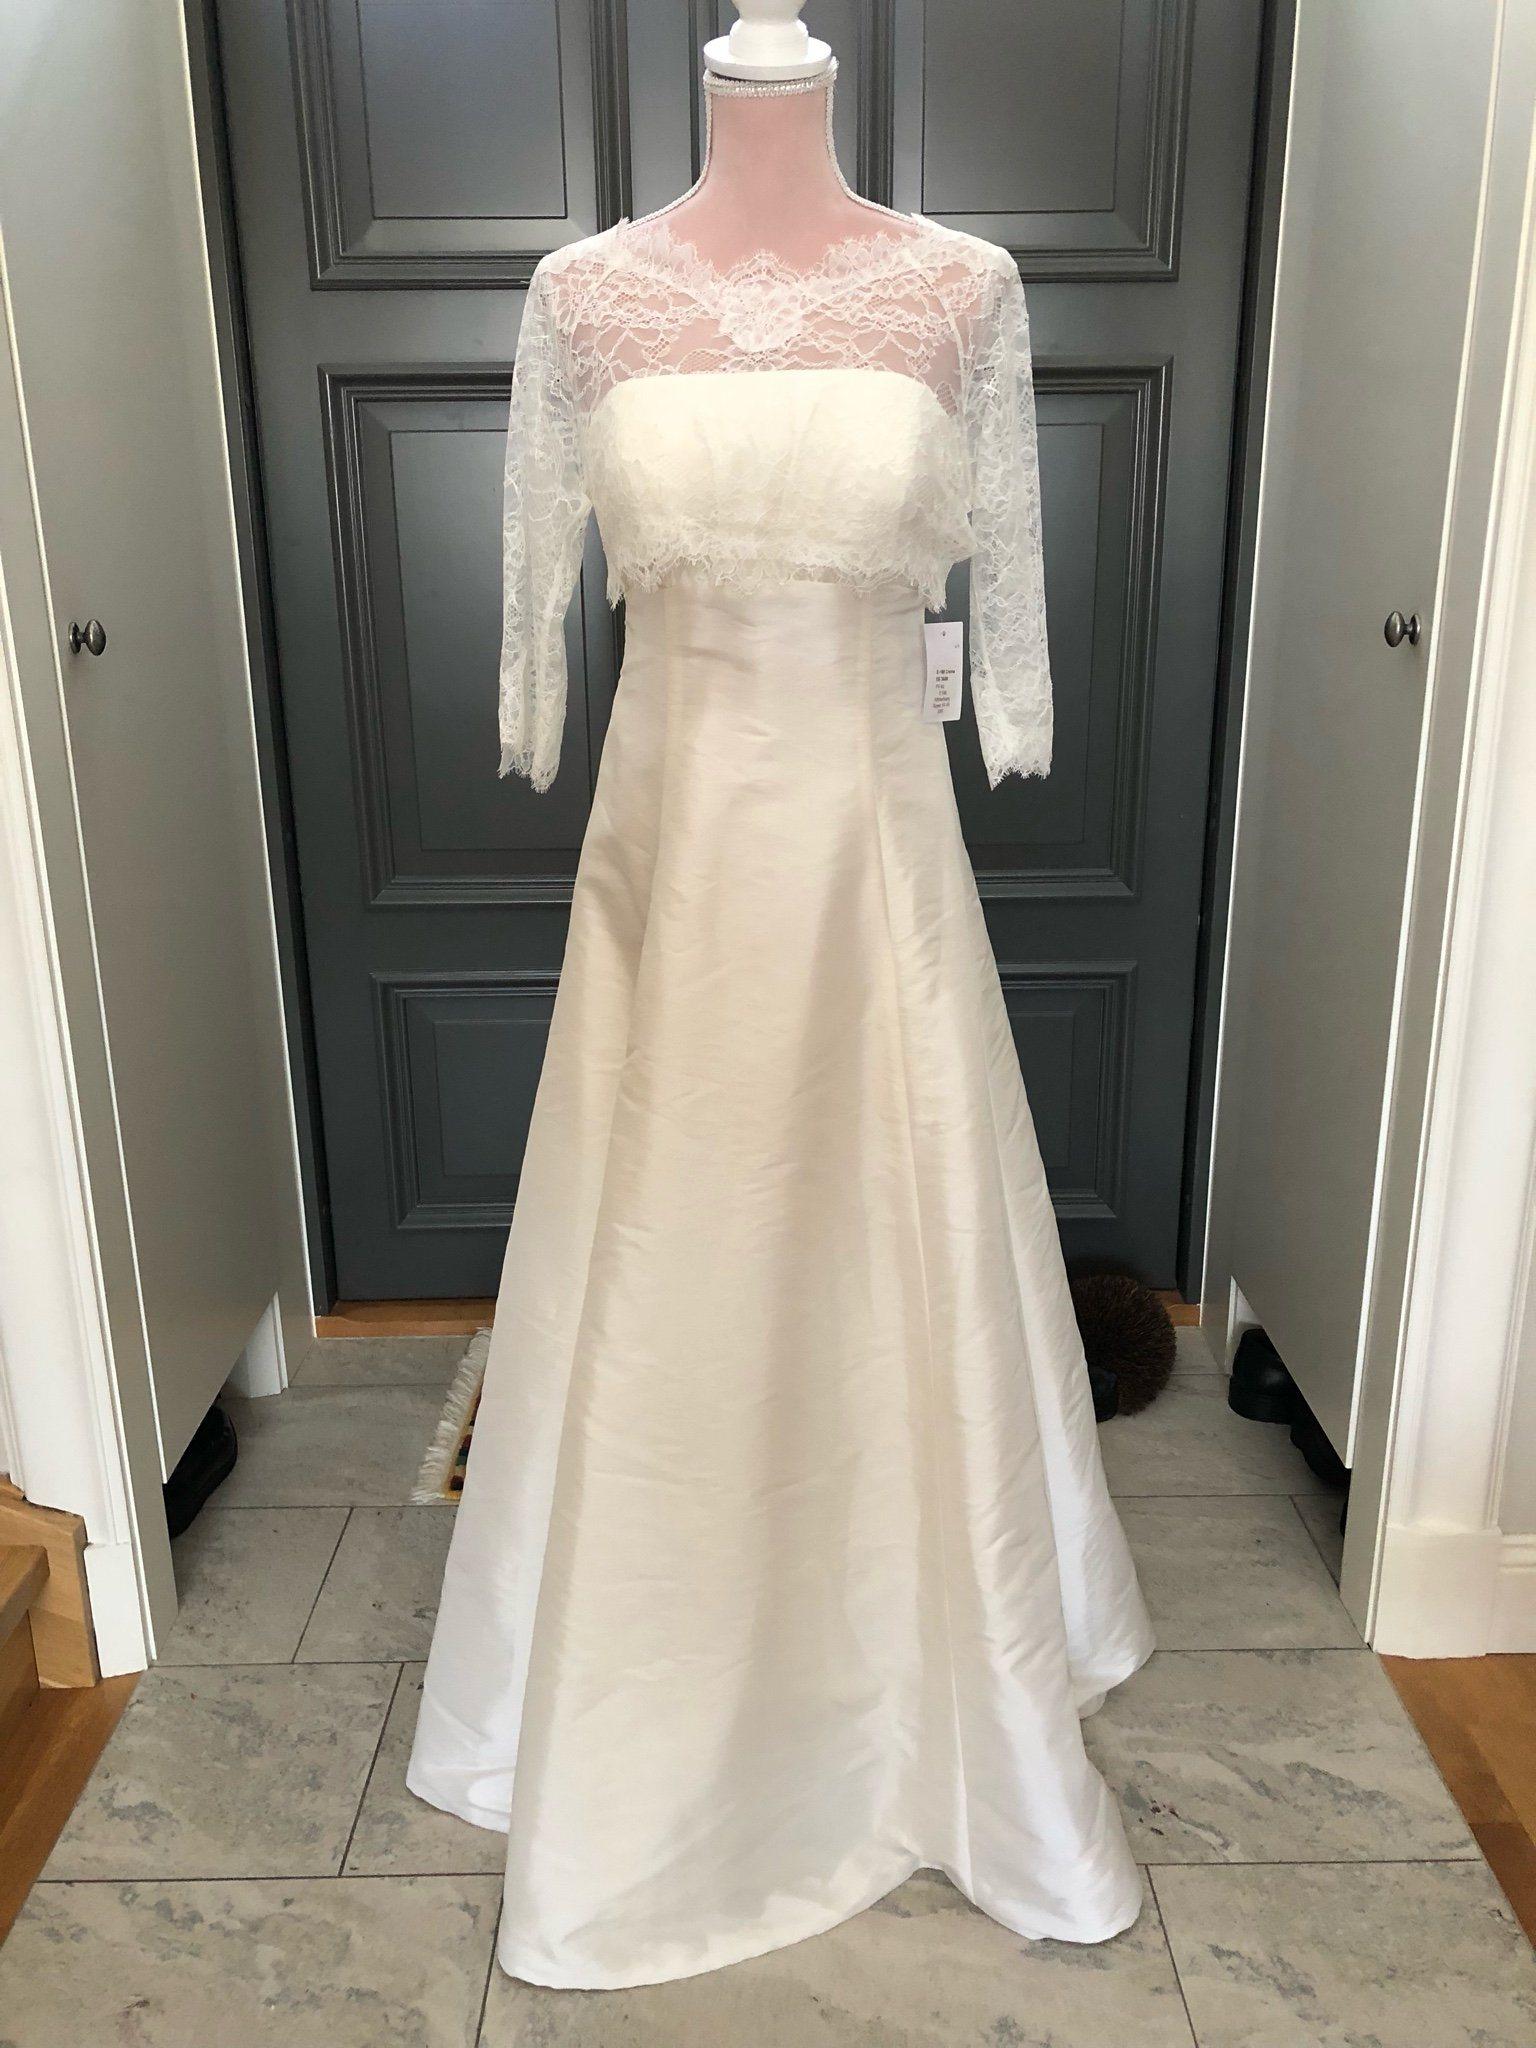 1782532d3de5 Ny brudklänning med avtagbar spetstopp från Bia.. (341099277) ᐈ Köp ...